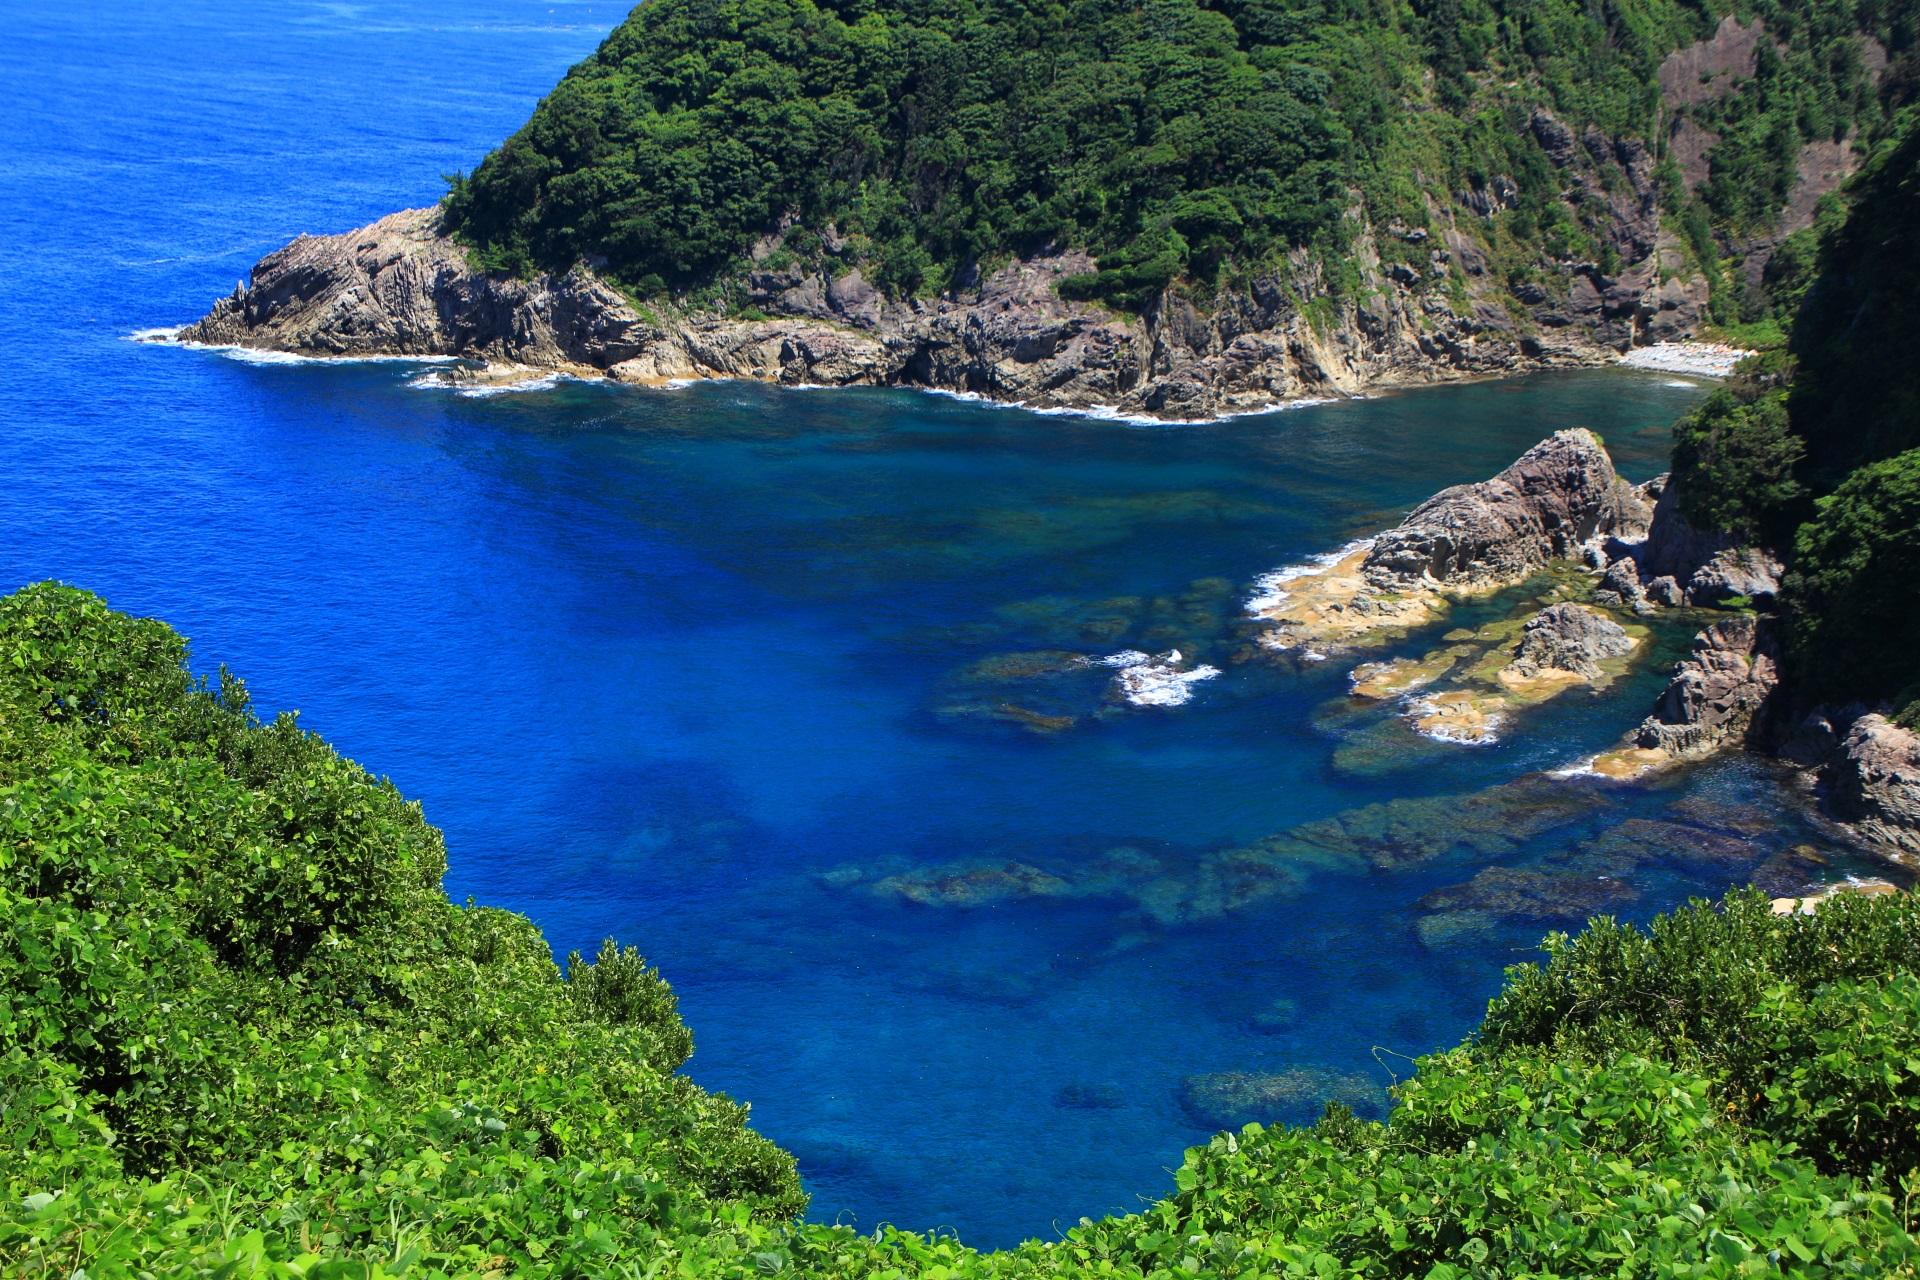 カマヤ海岸の緑と岩に囲まれた美しい青い空間